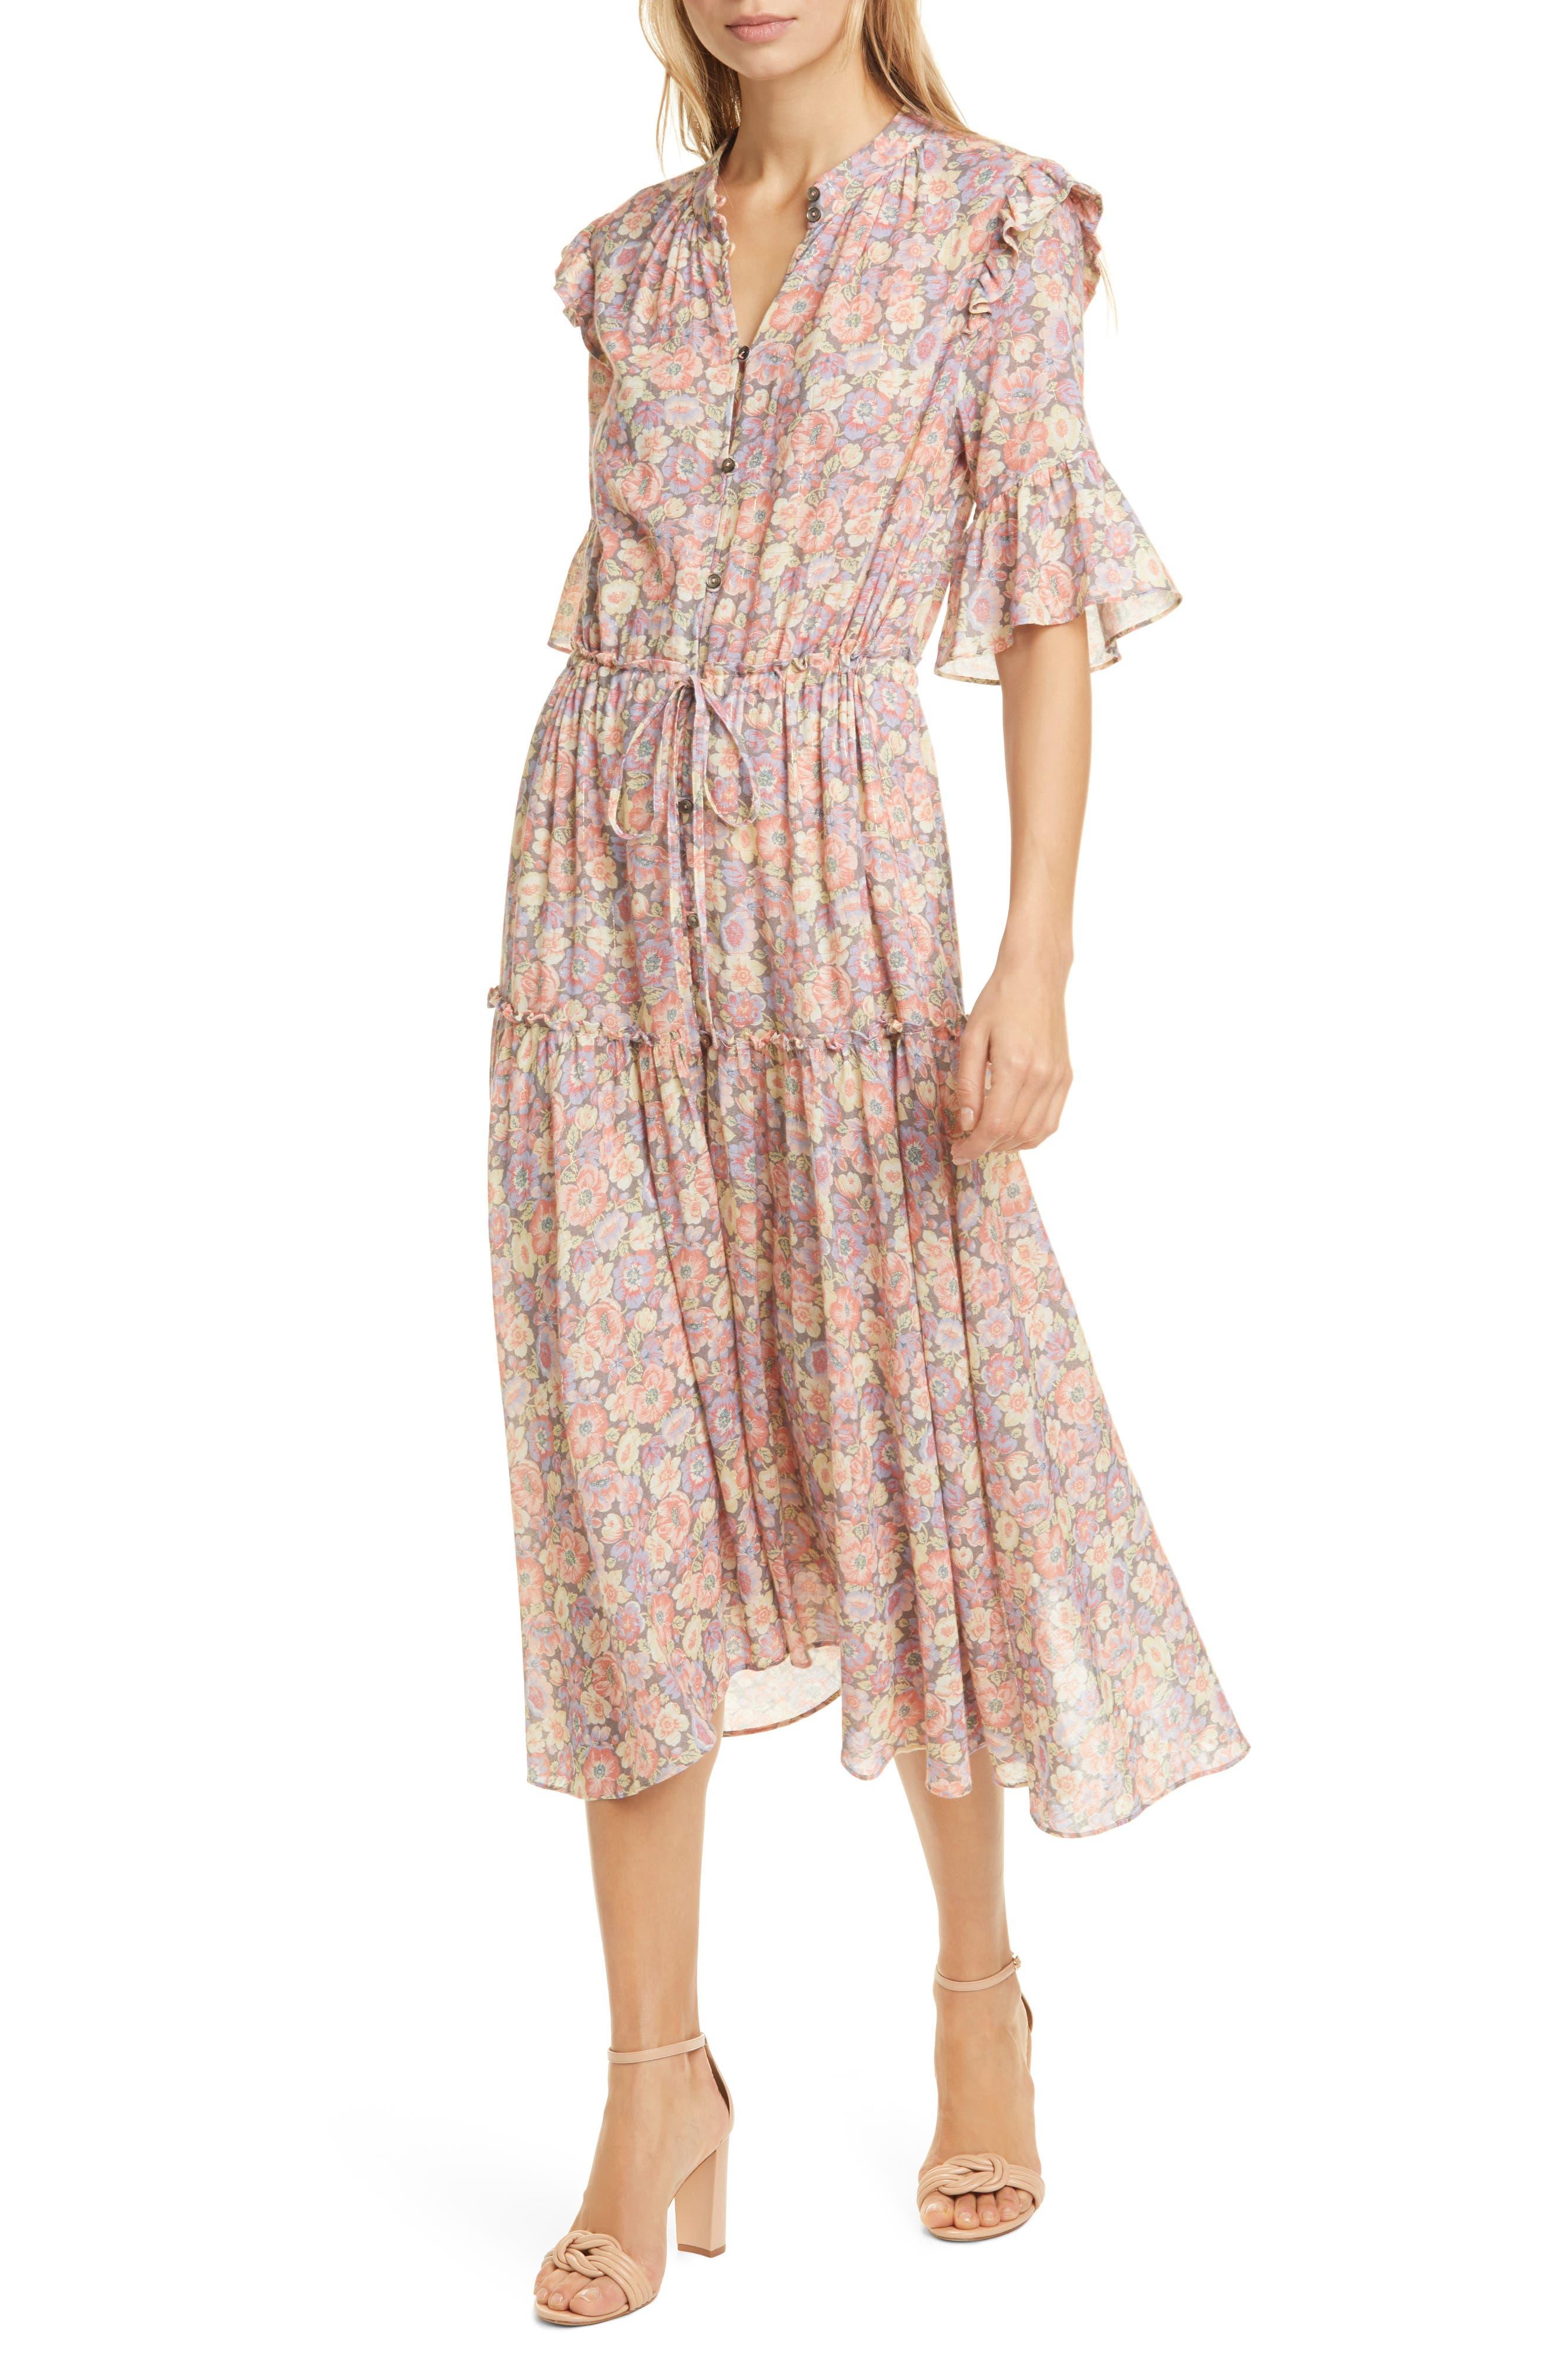 La Vie Rebecca Taylor Josephine Midi Dress